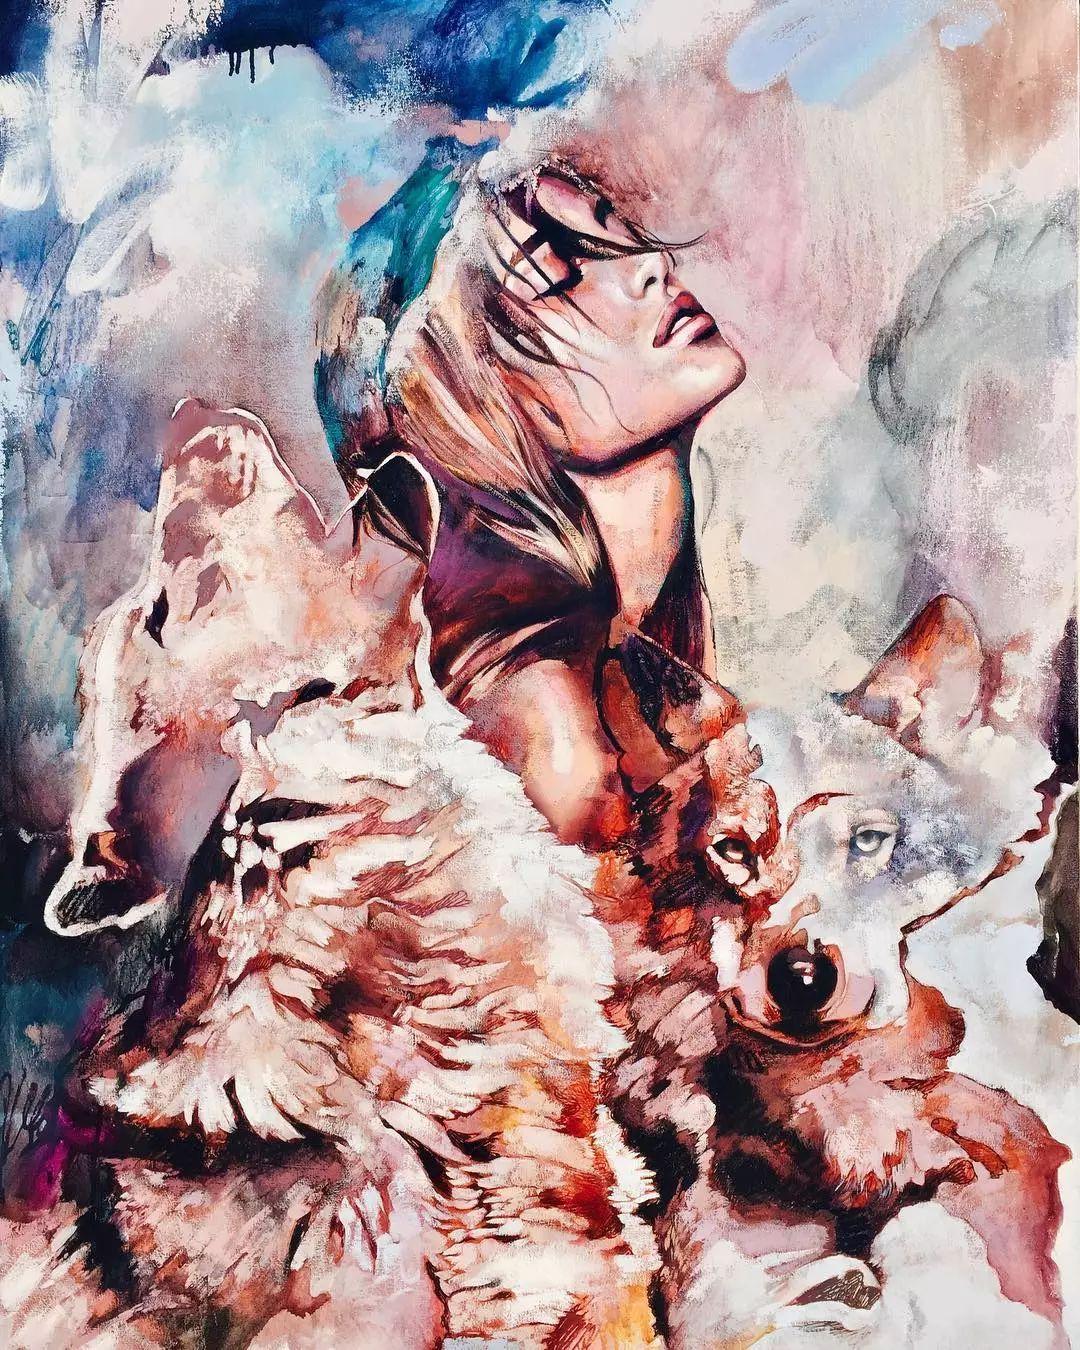 12岁开始画画 16岁就卖画赚100万——希腊小画家Dimitra Milan插图13